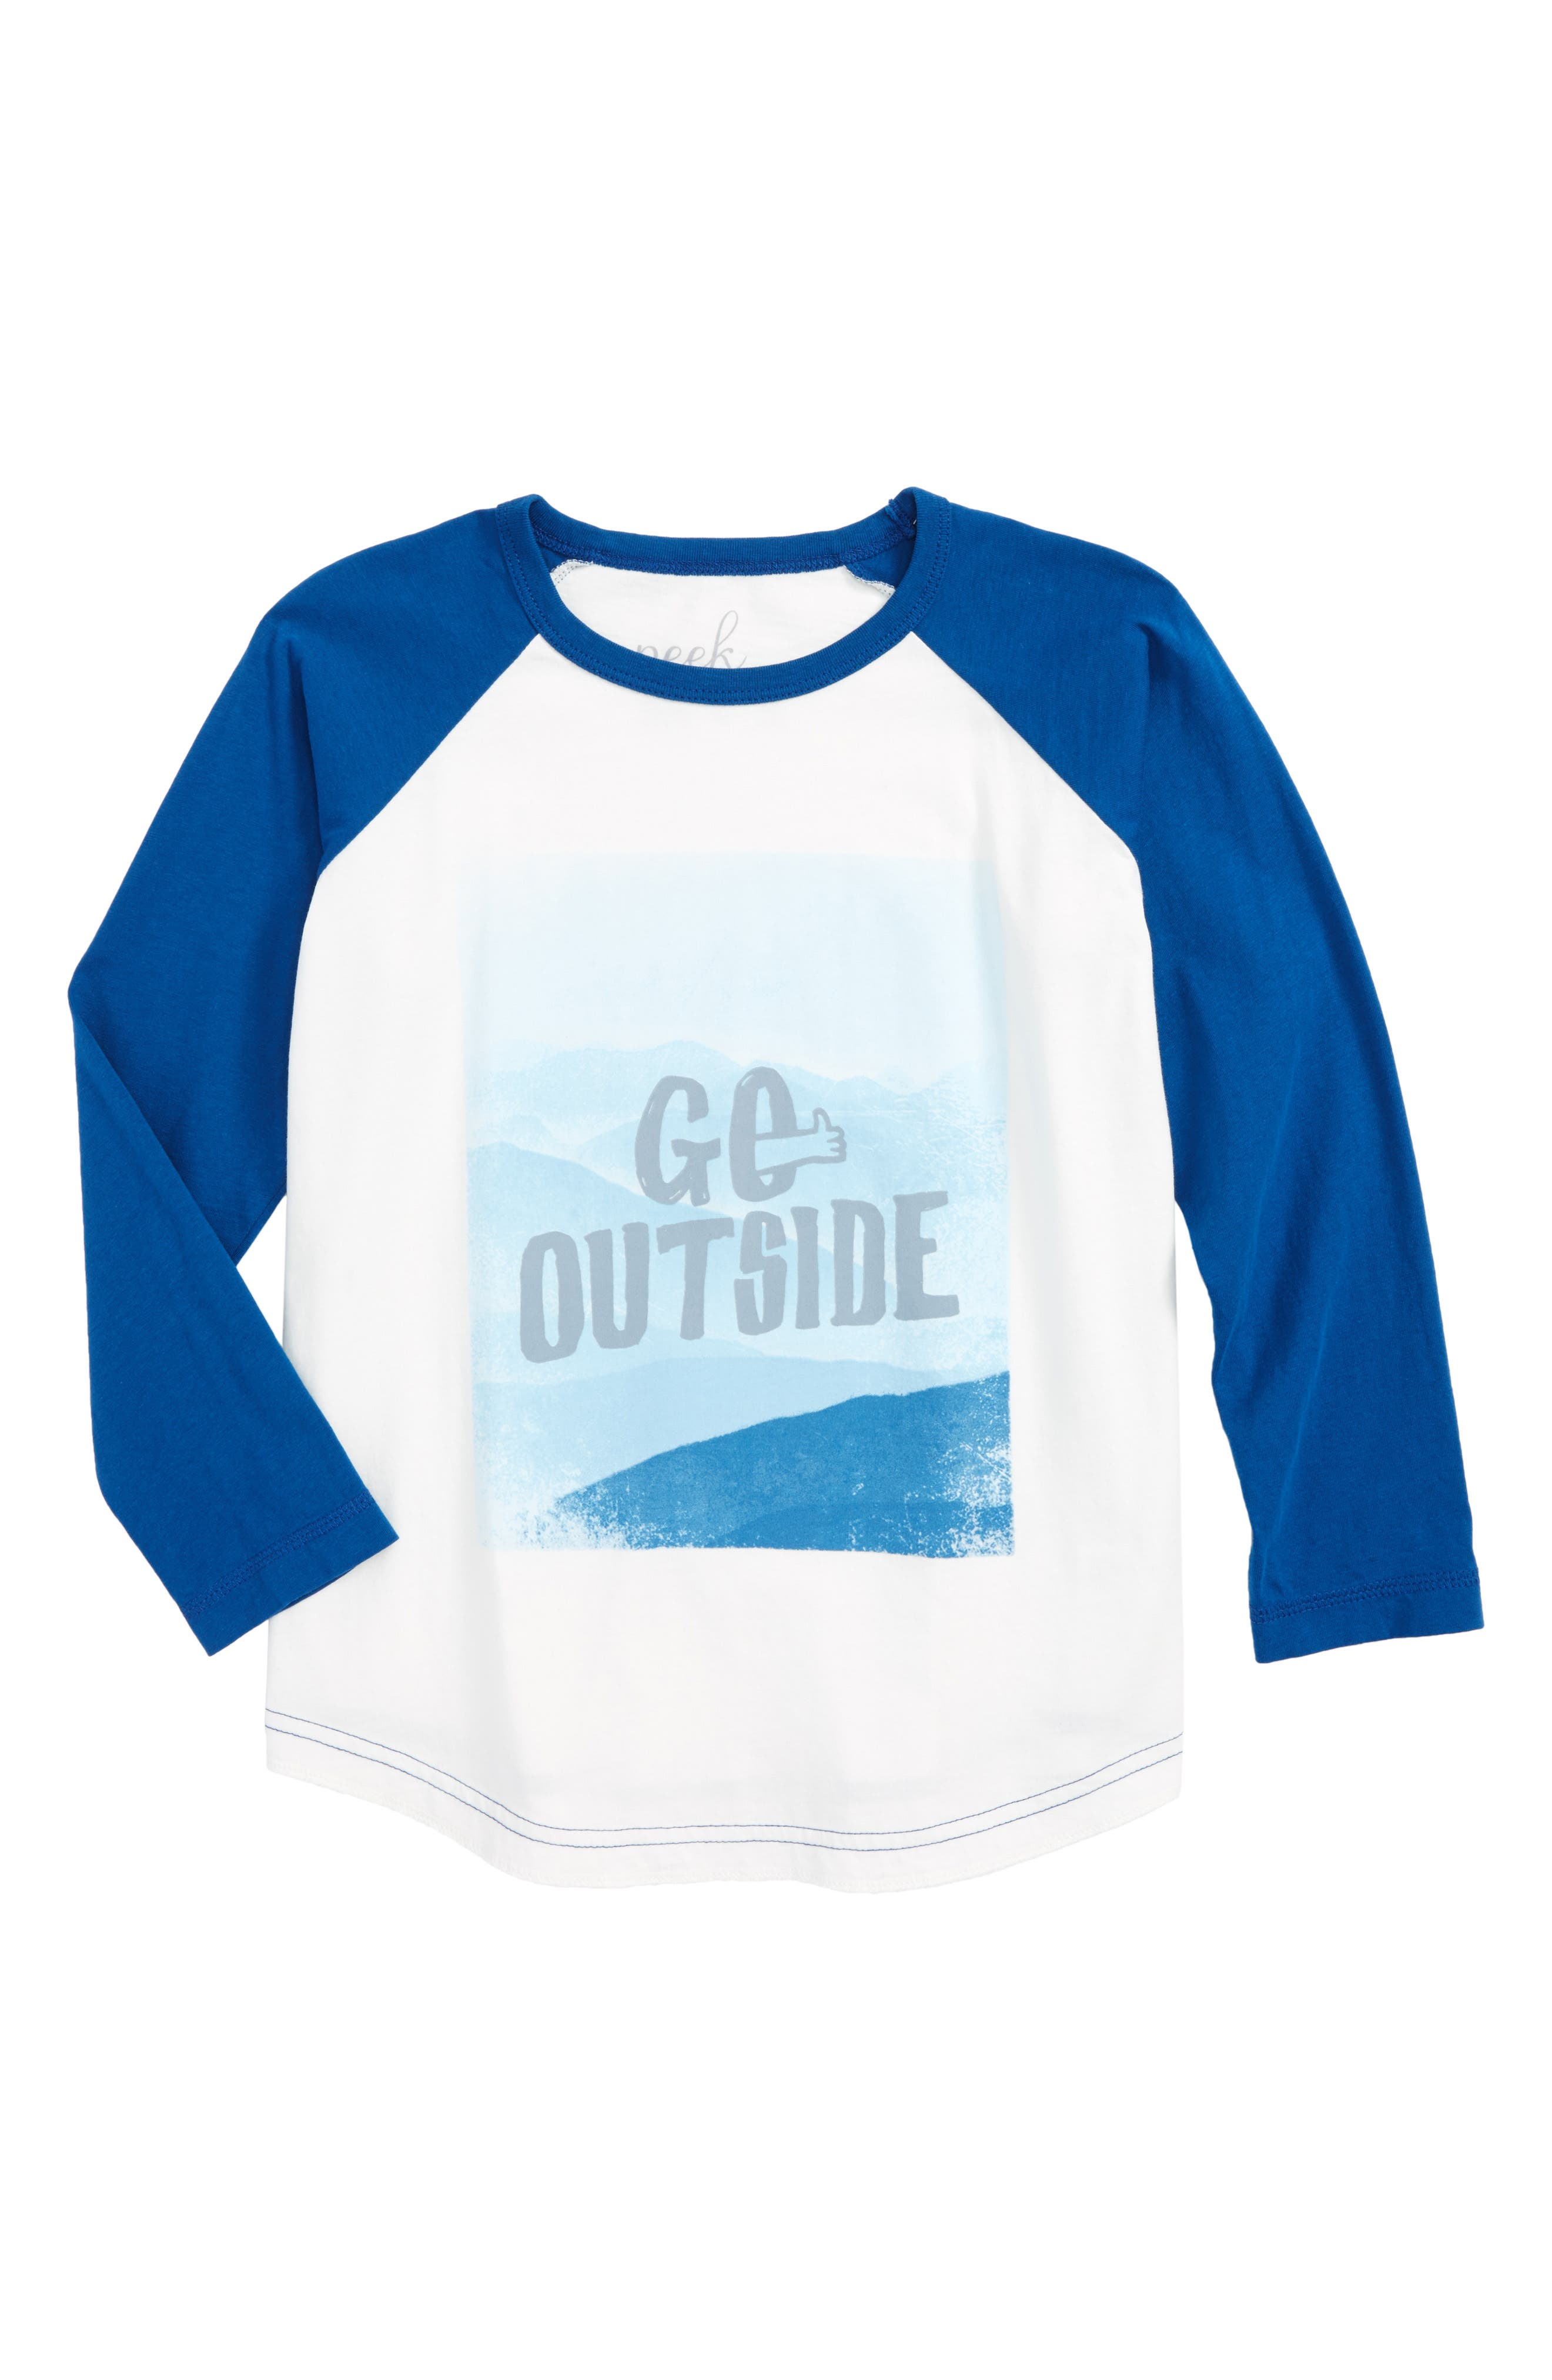 Go Outside Graphic Long Sleeve T-Shirt,                             Main thumbnail 1, color,                             900